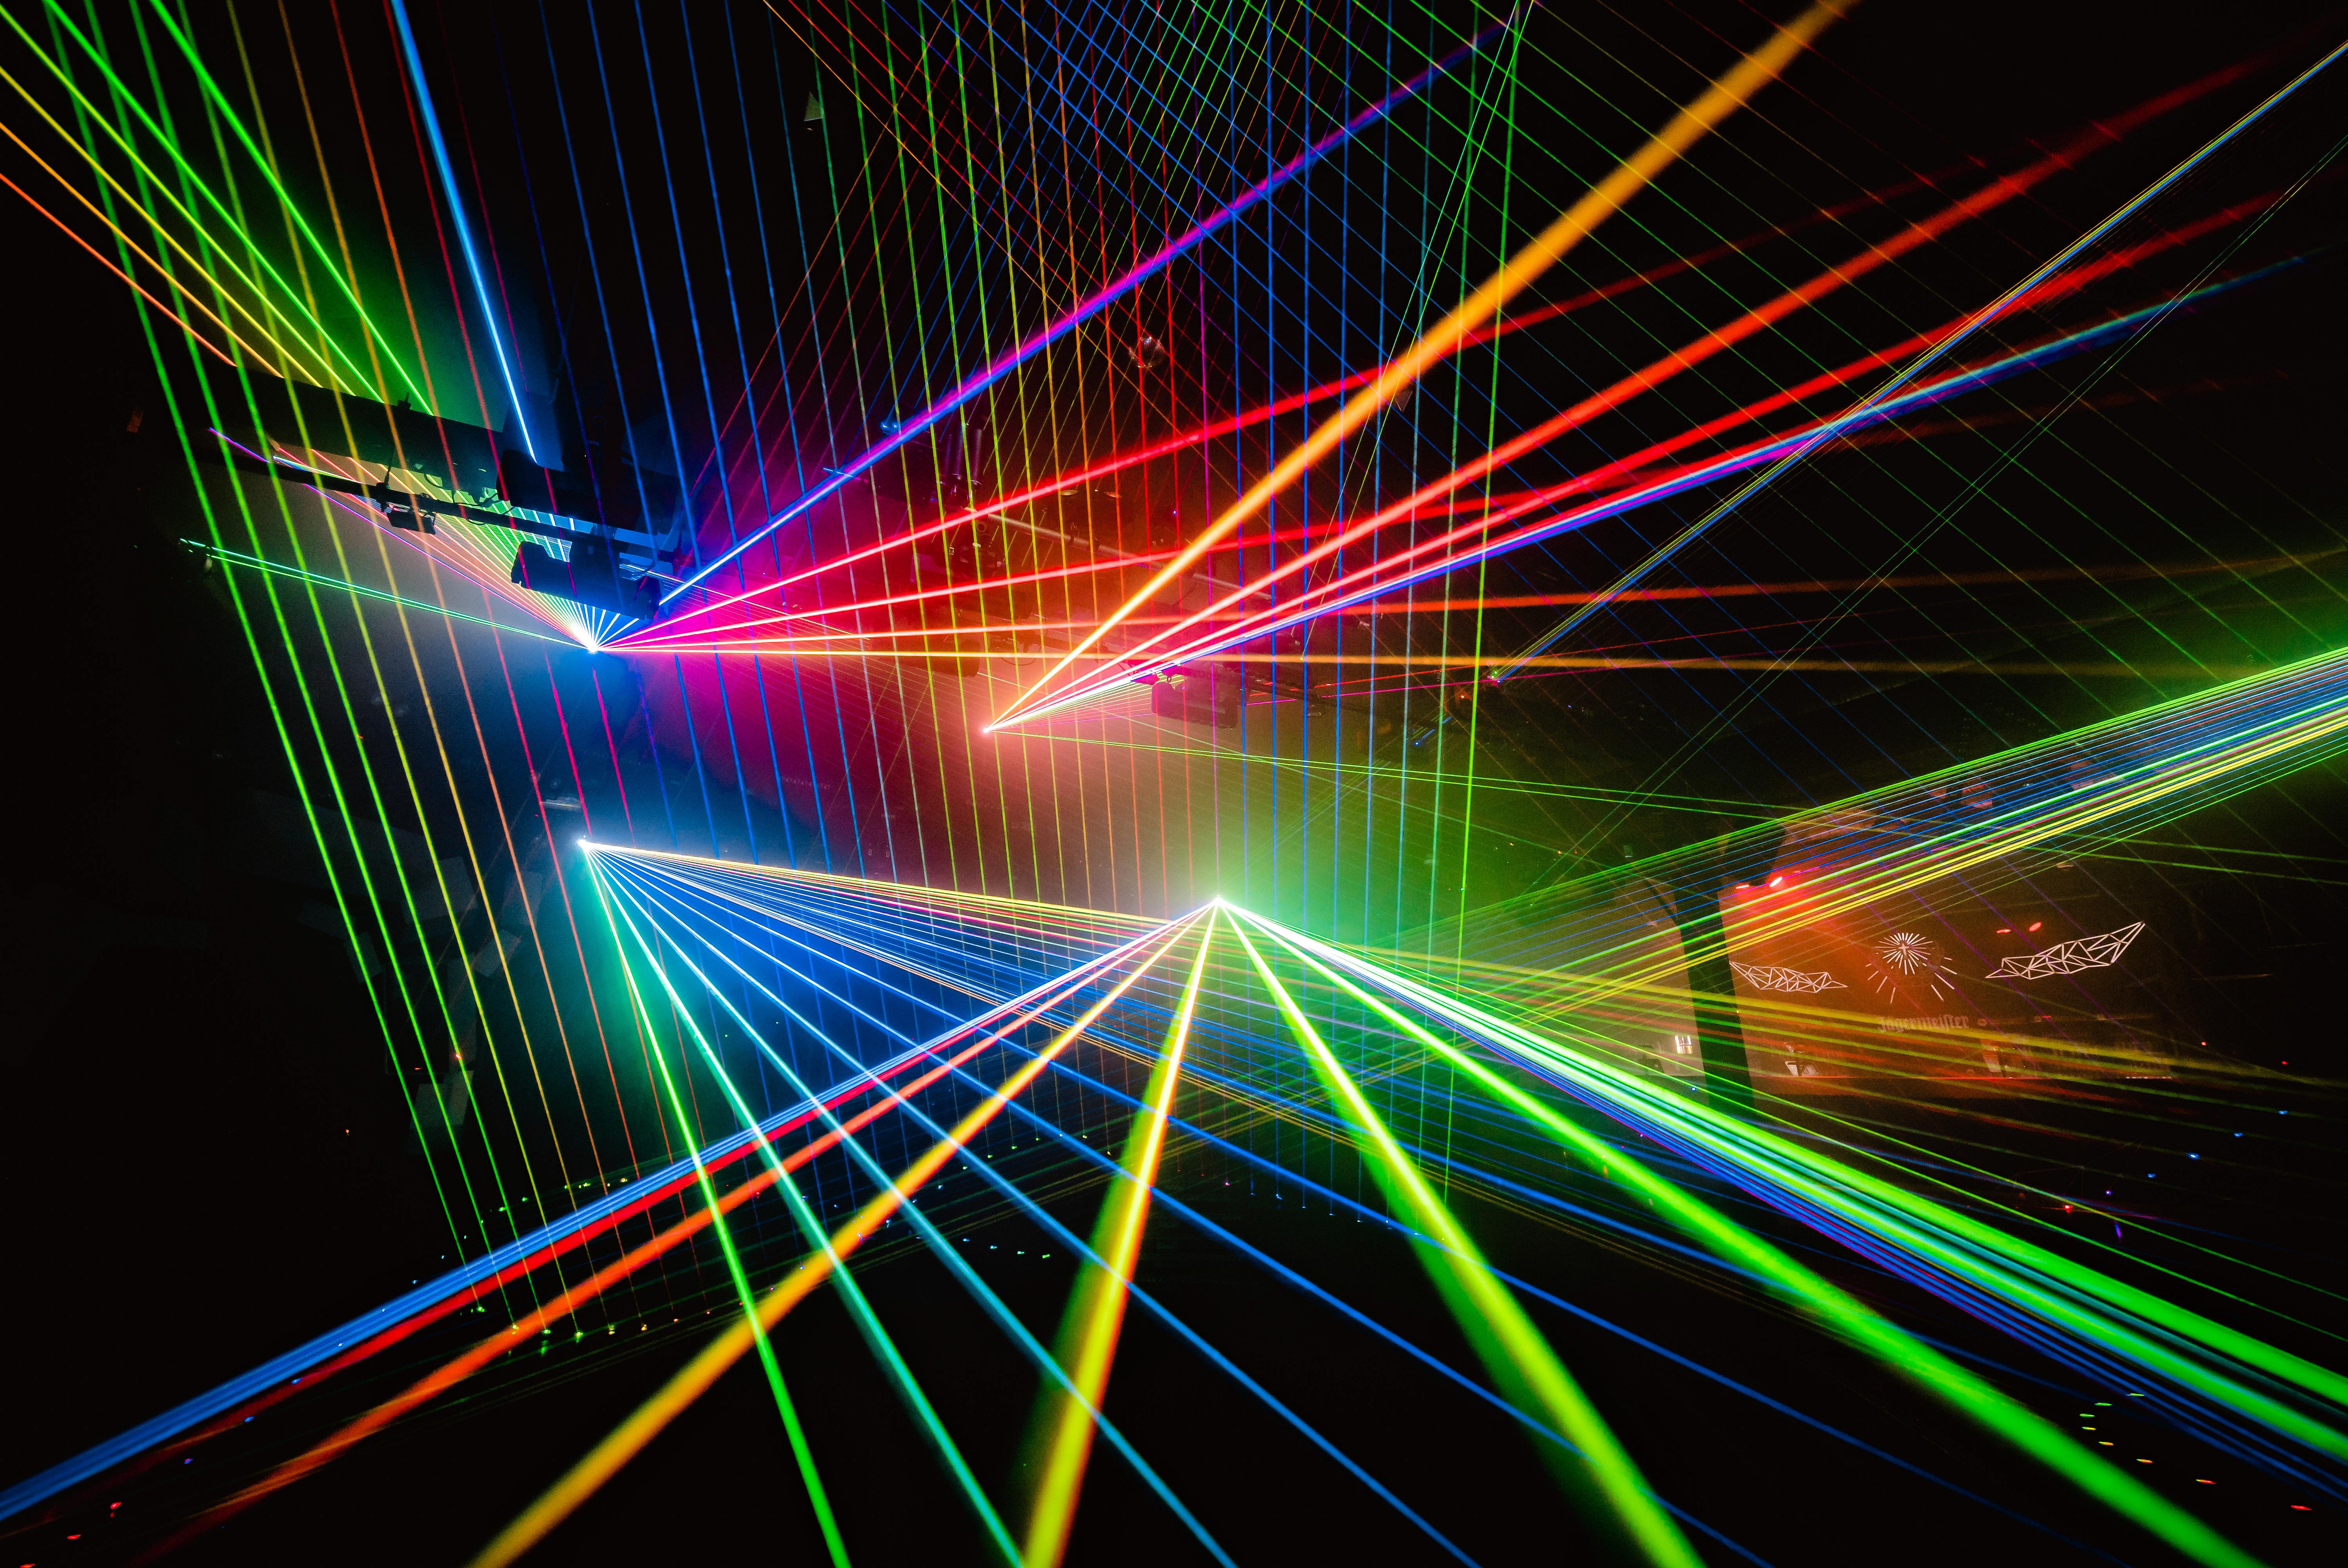 Des lasers de toutes les directions –  Cameo D FORCE au Bootshaus